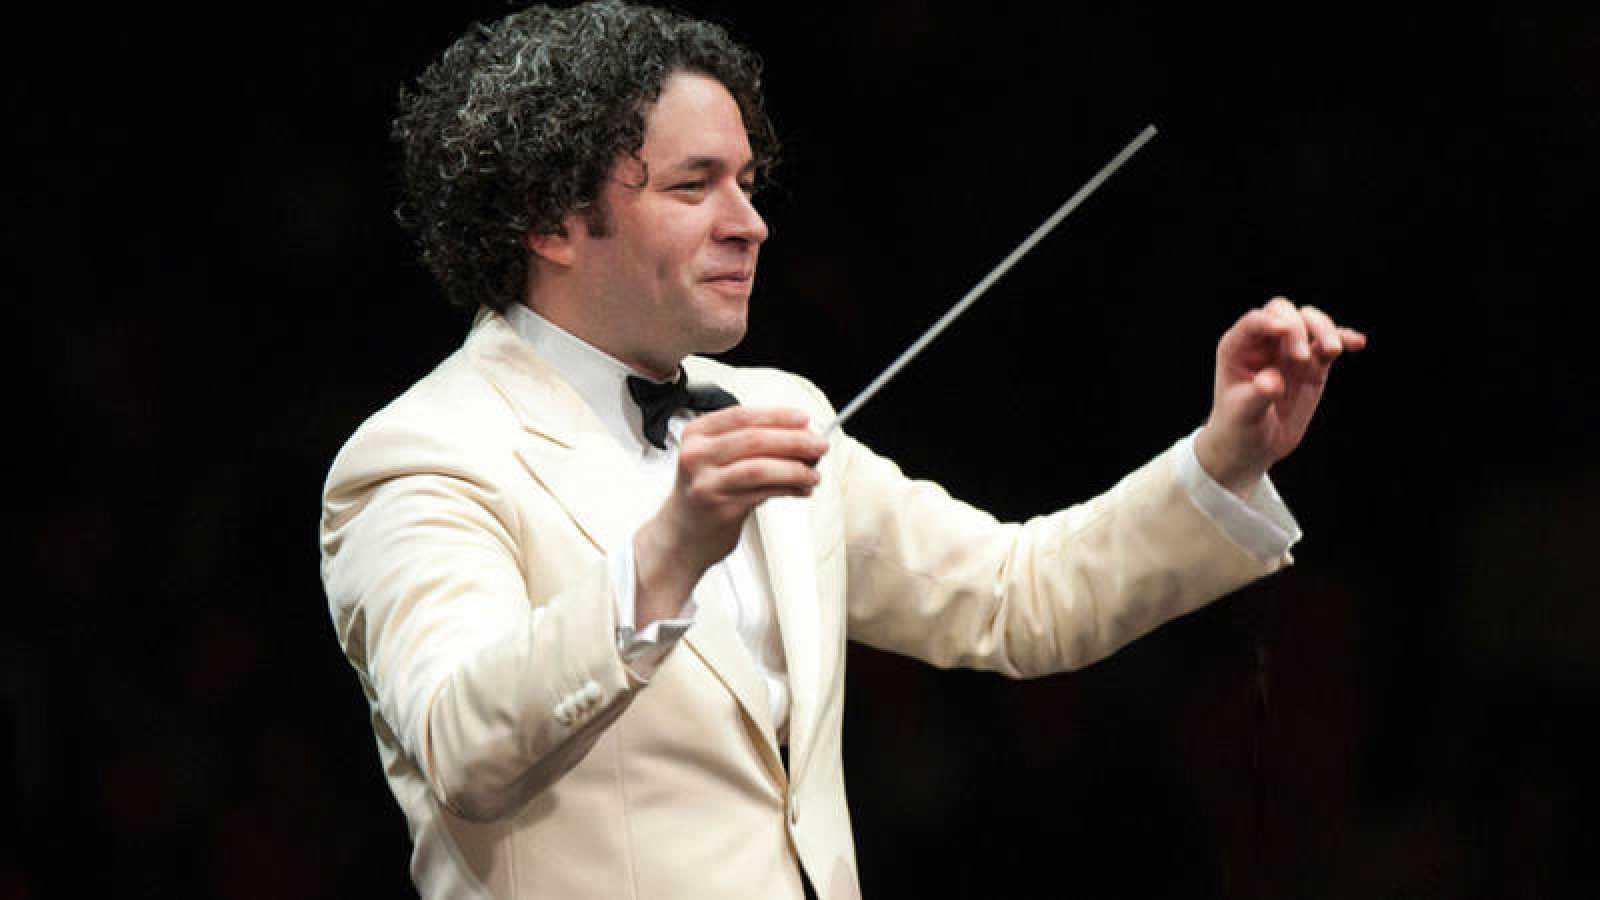 El director de orquesta venezolano Gustavo Dudamel